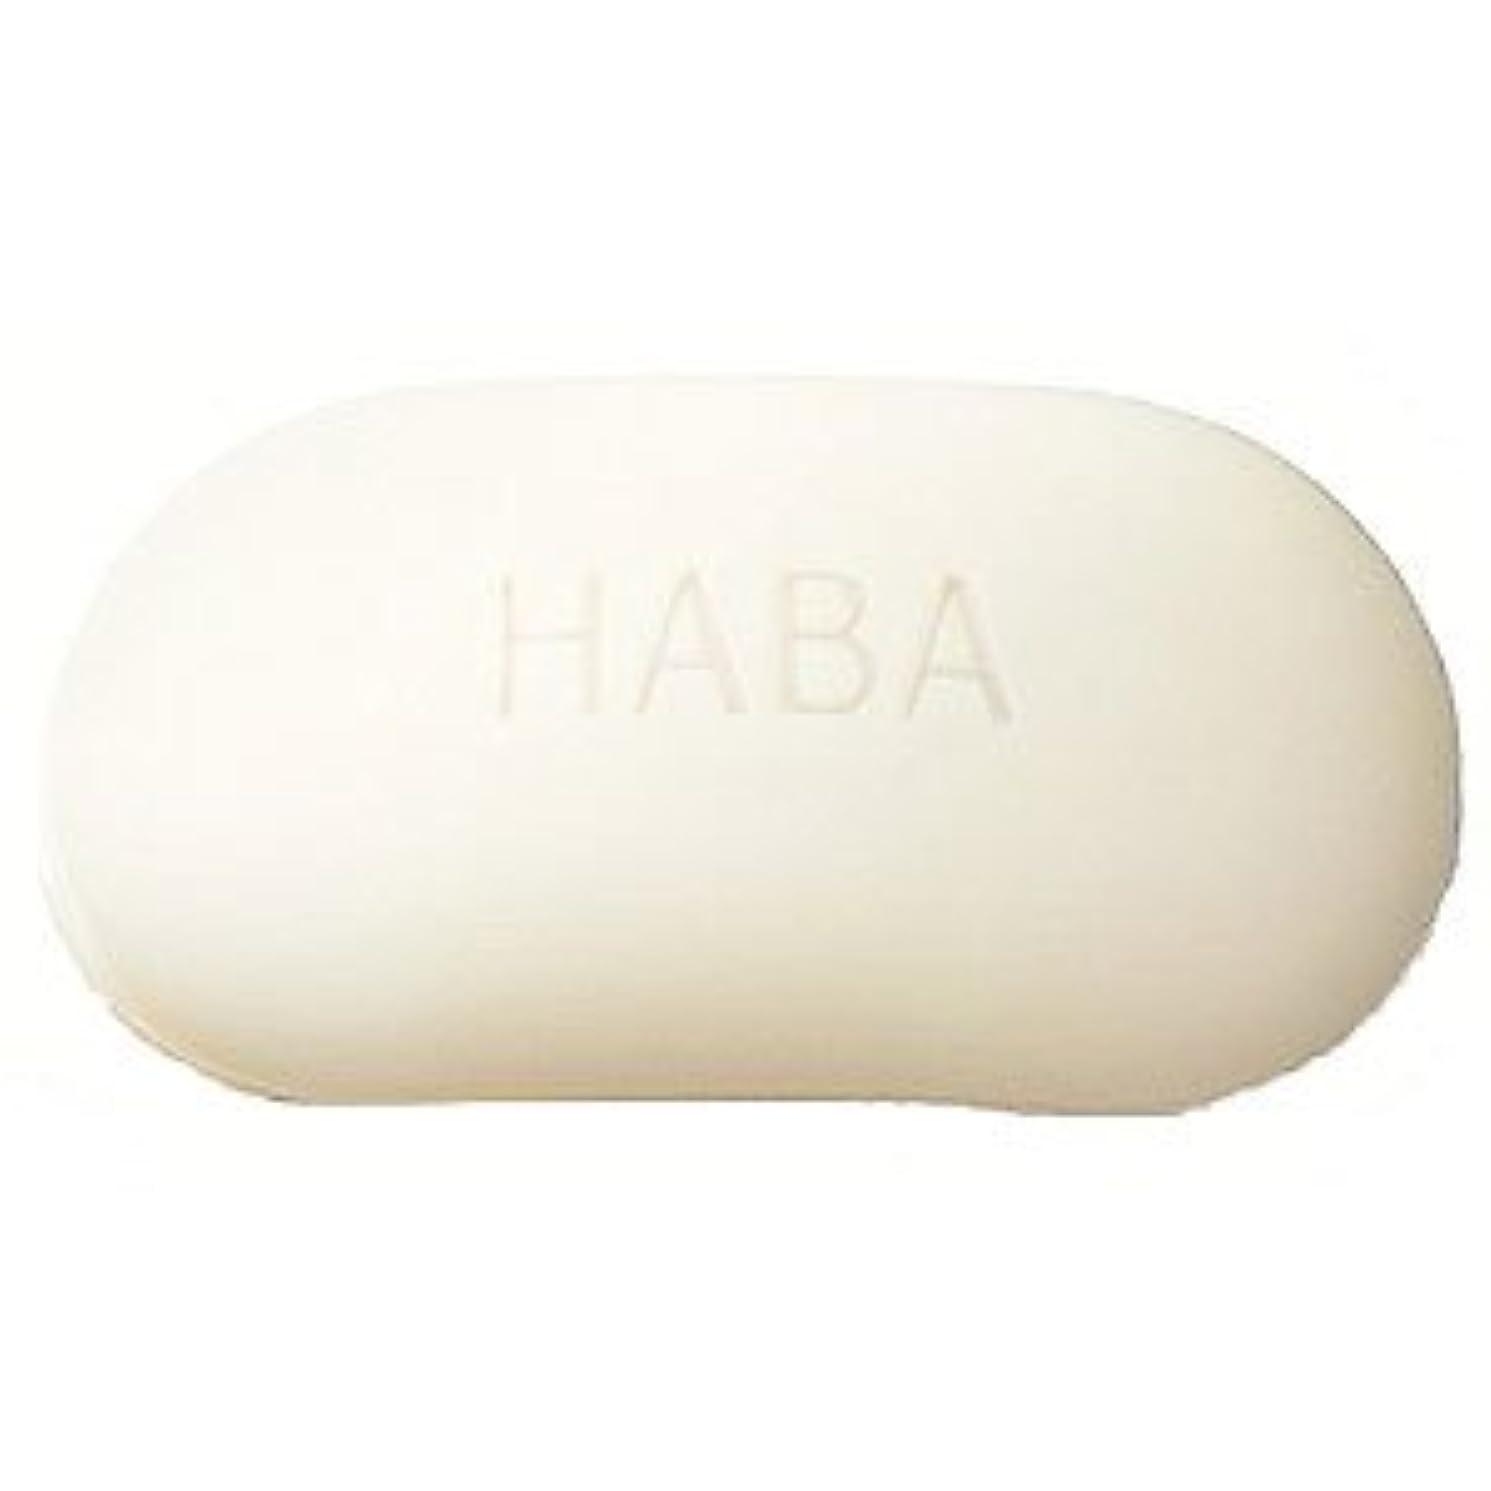 シチリア守る火傷HABA 絹泡石けん 2個組<HABA/ハーバー(ハーバー研究所)>